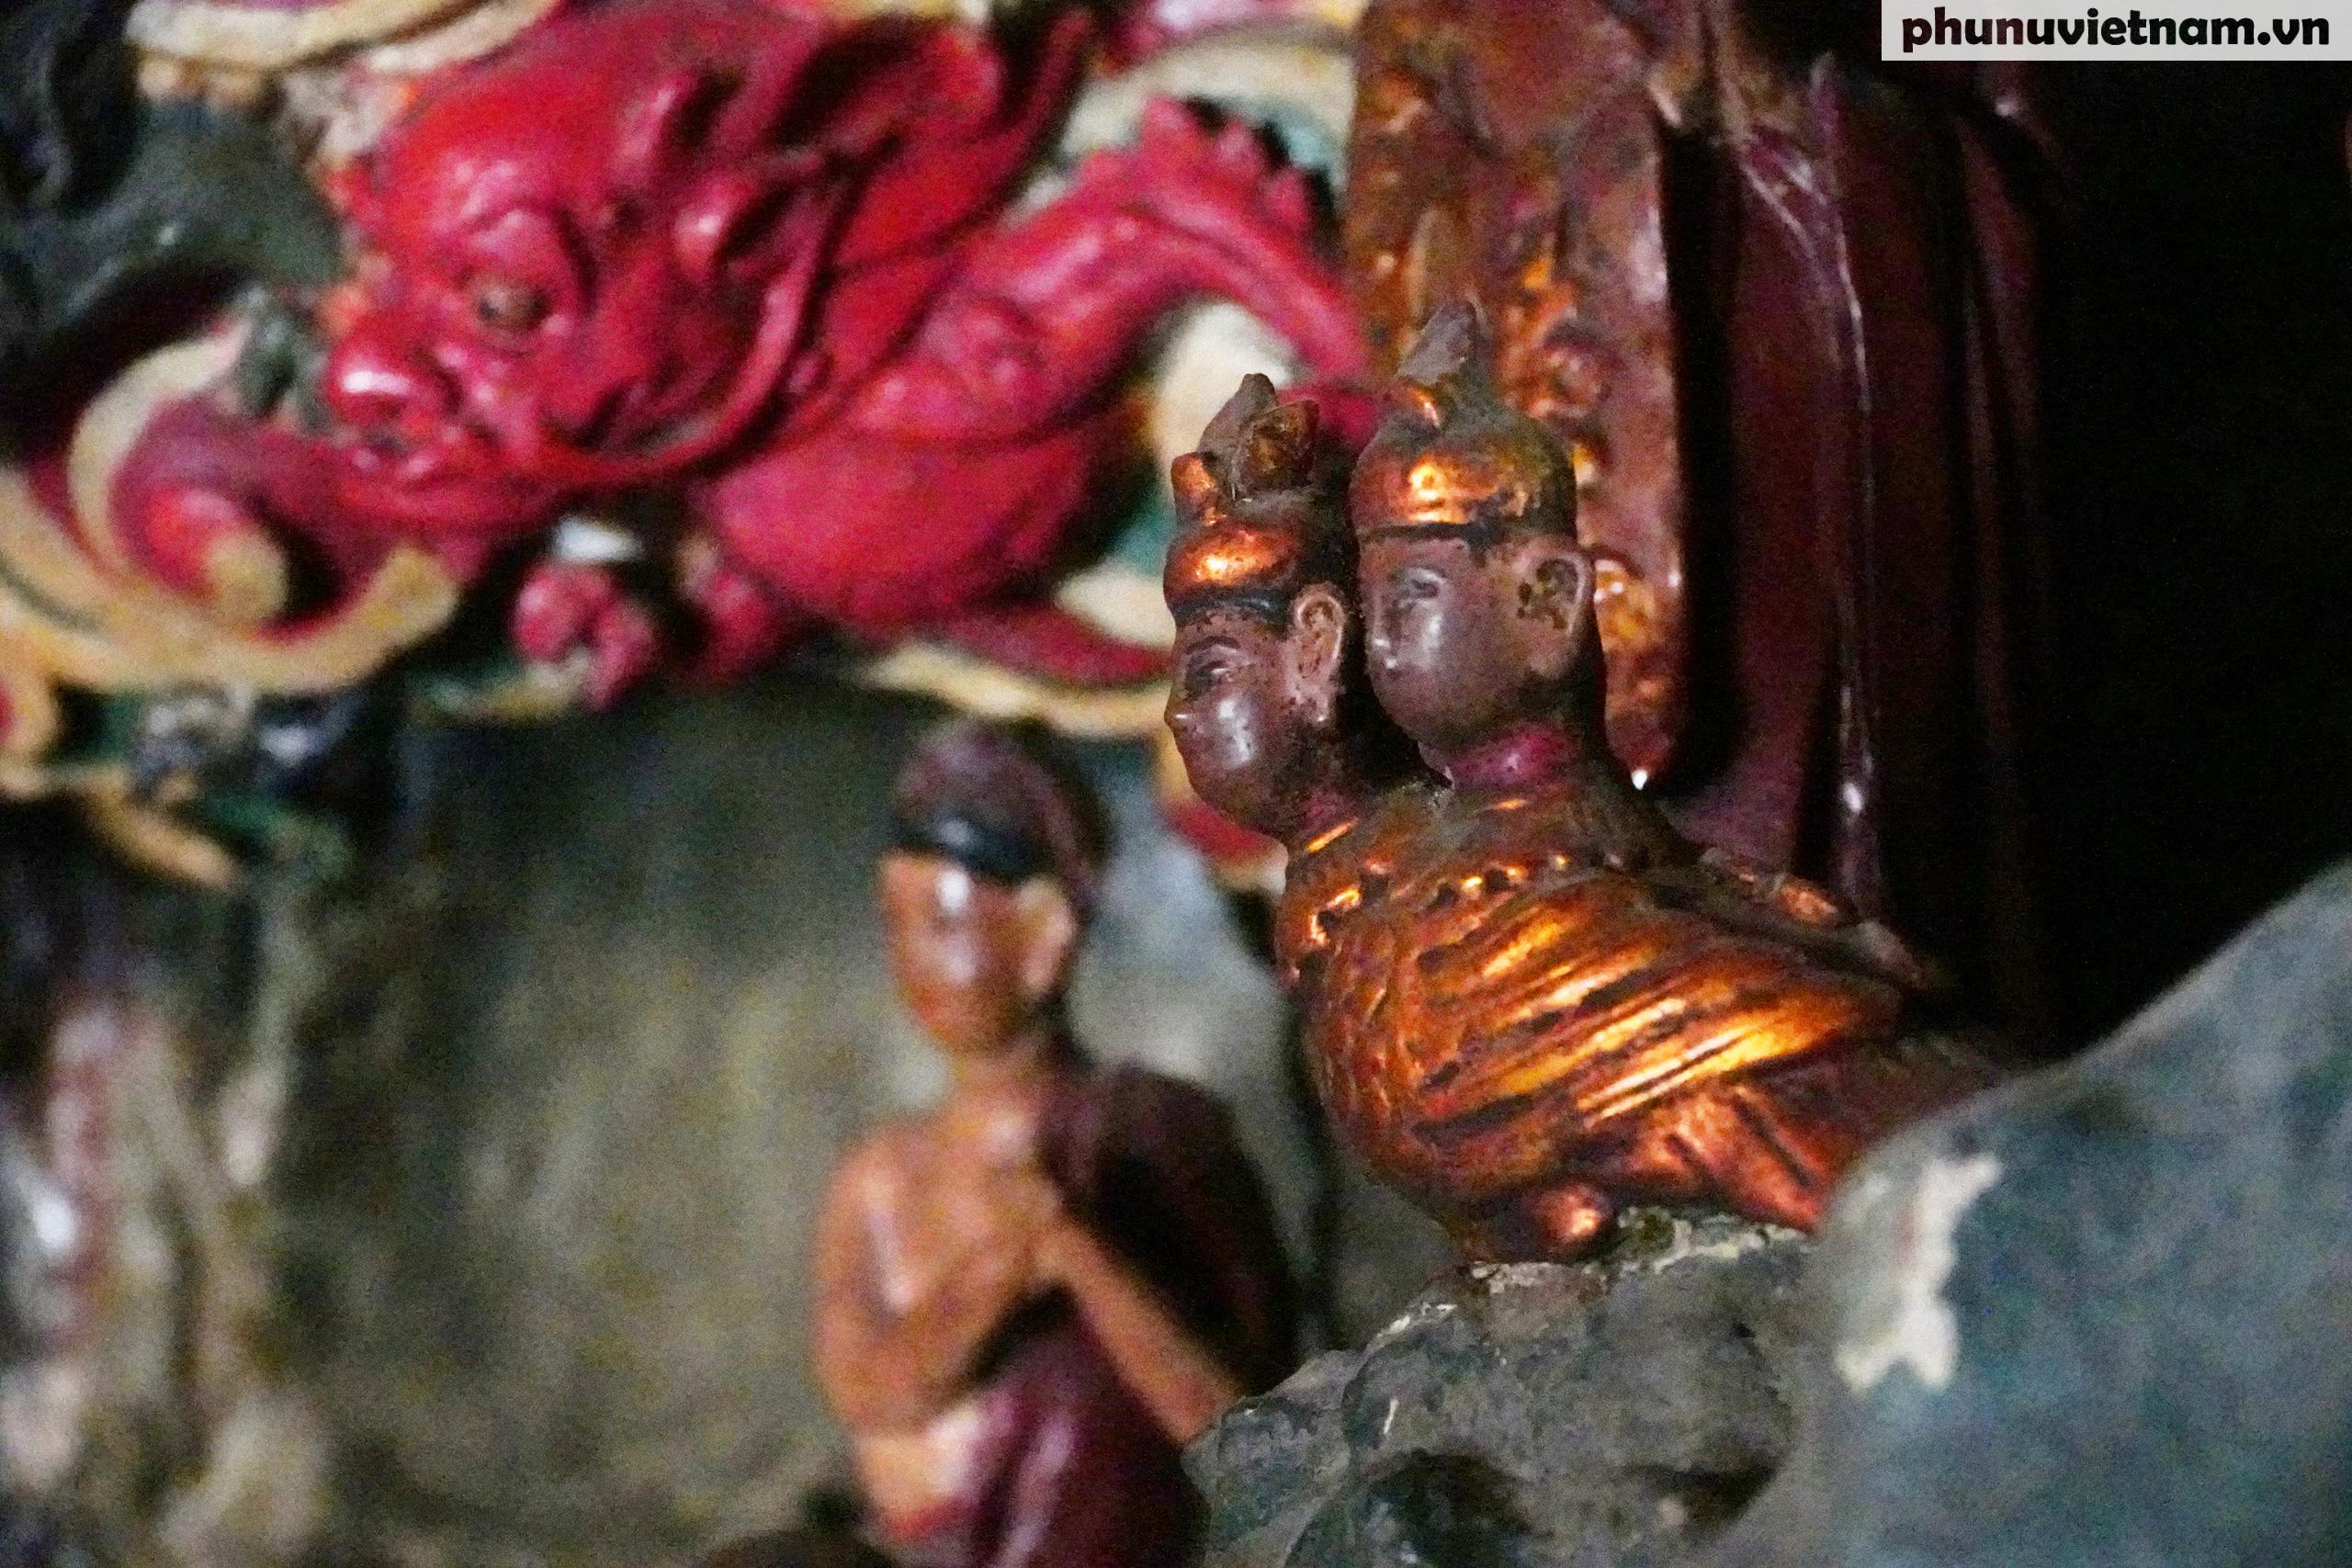 Ngỡ ngàng trước những kiệt tác bằng đất sét trên 200 tuổi về đạo Phật - Ảnh 16.